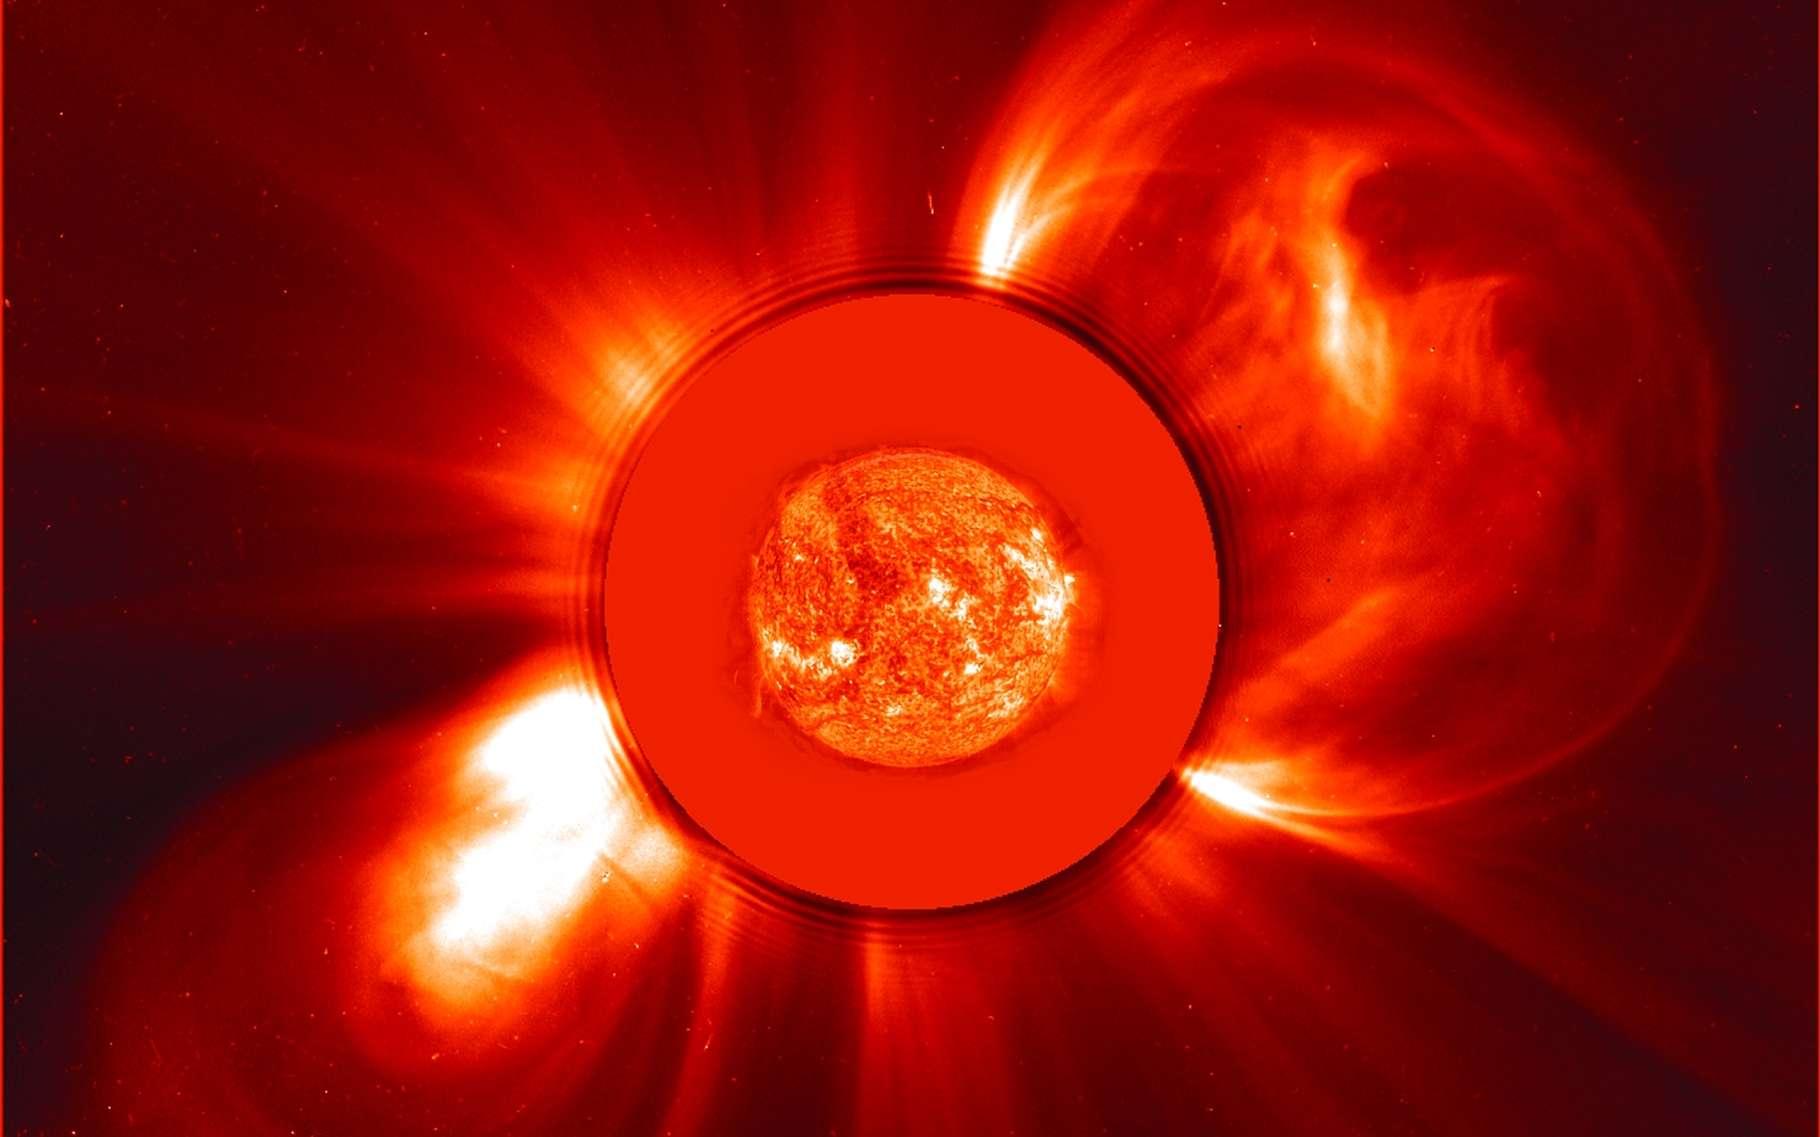 Cette image prise par l'observatoire solaire et héliosphérique Soho (Nasa, ESA) a été publiée pour célébrer les 20 ans de mission de la sonde. Elle passe aujourd'hui le cap des 25 ans ! © Nasa